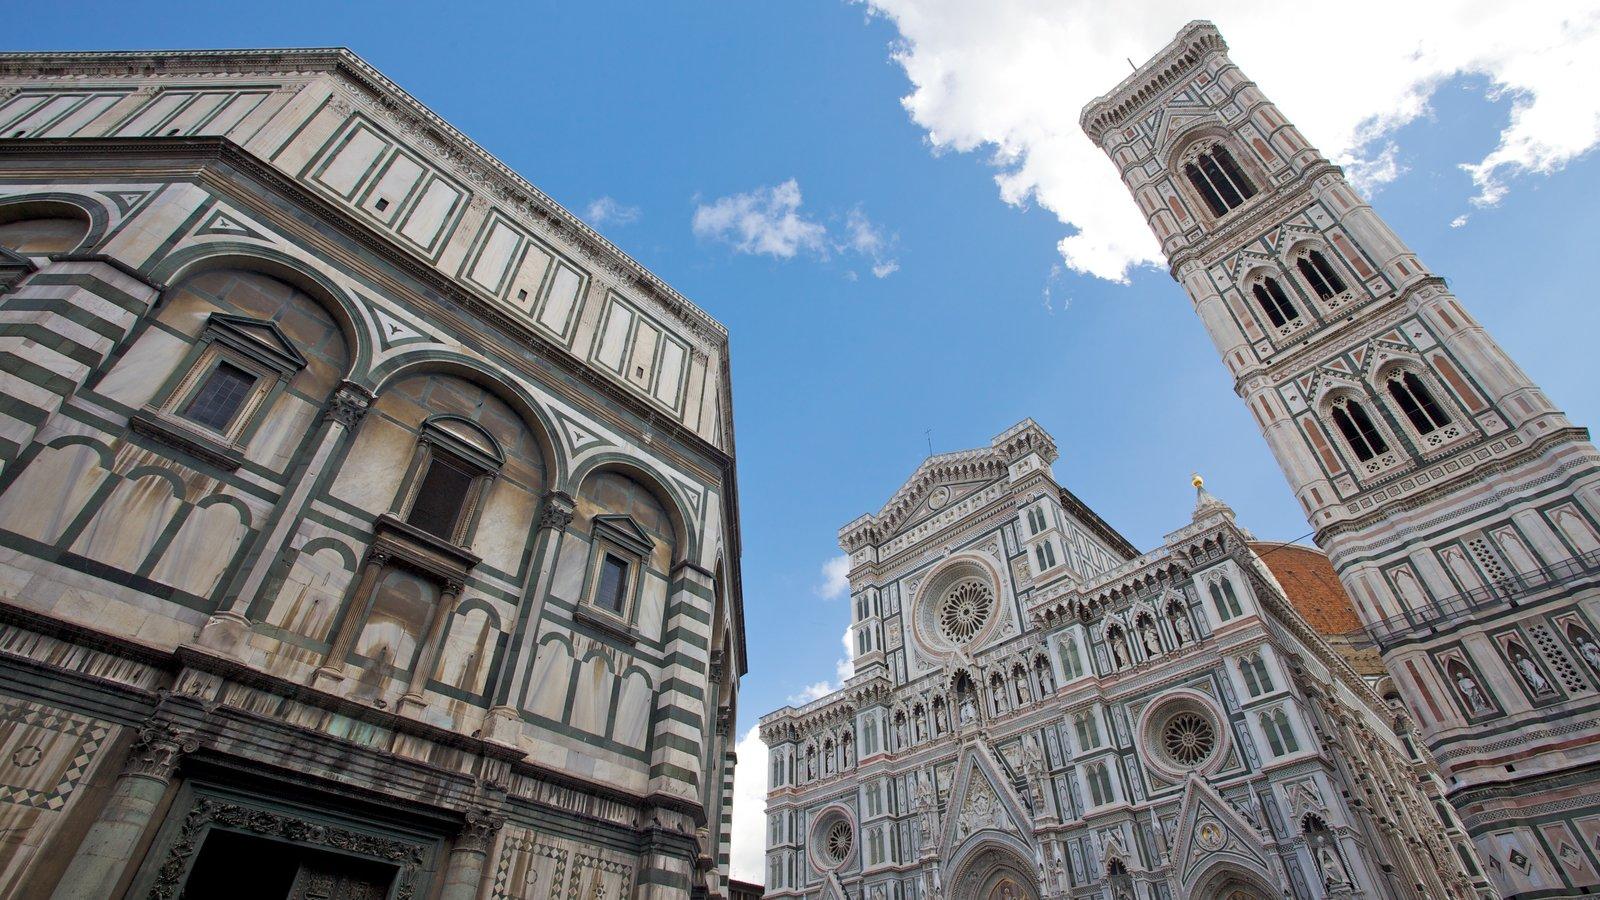 Catedral de Santa Maria del Fiore que inclui uma igreja ou catedral, elementos religiosos e arquitetura de patrimônio